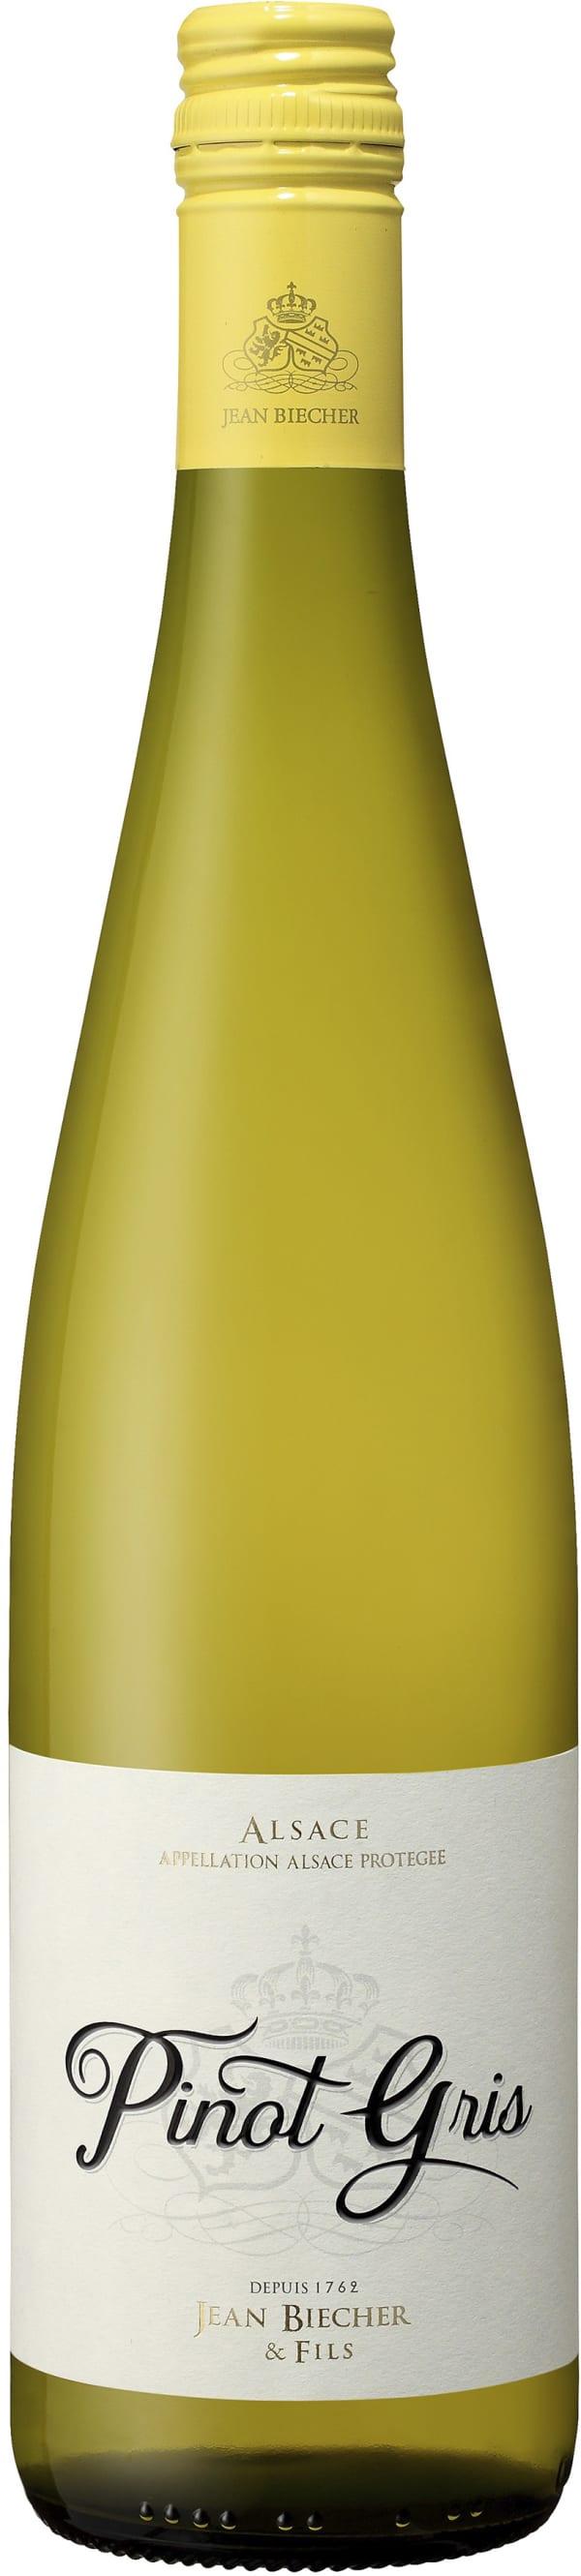 Jean Biecher Pinot Gris 2014